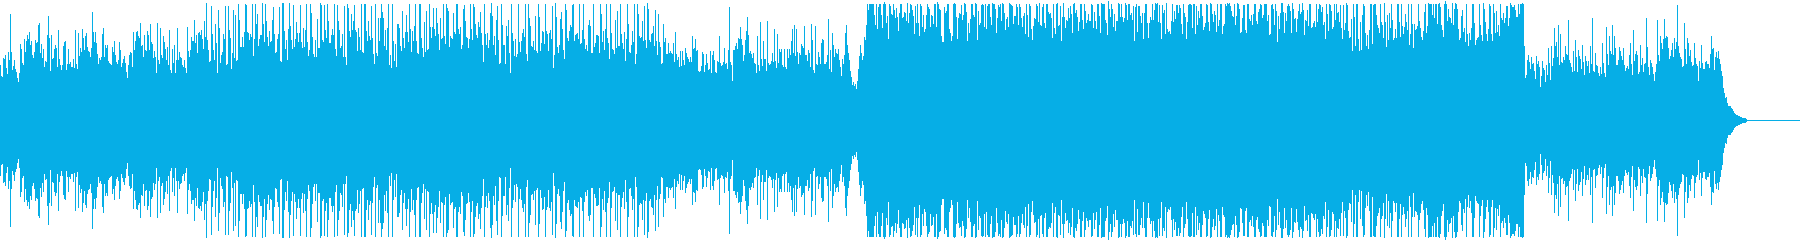 透明感のあるエモーショナルなBGMの再生済みの波形